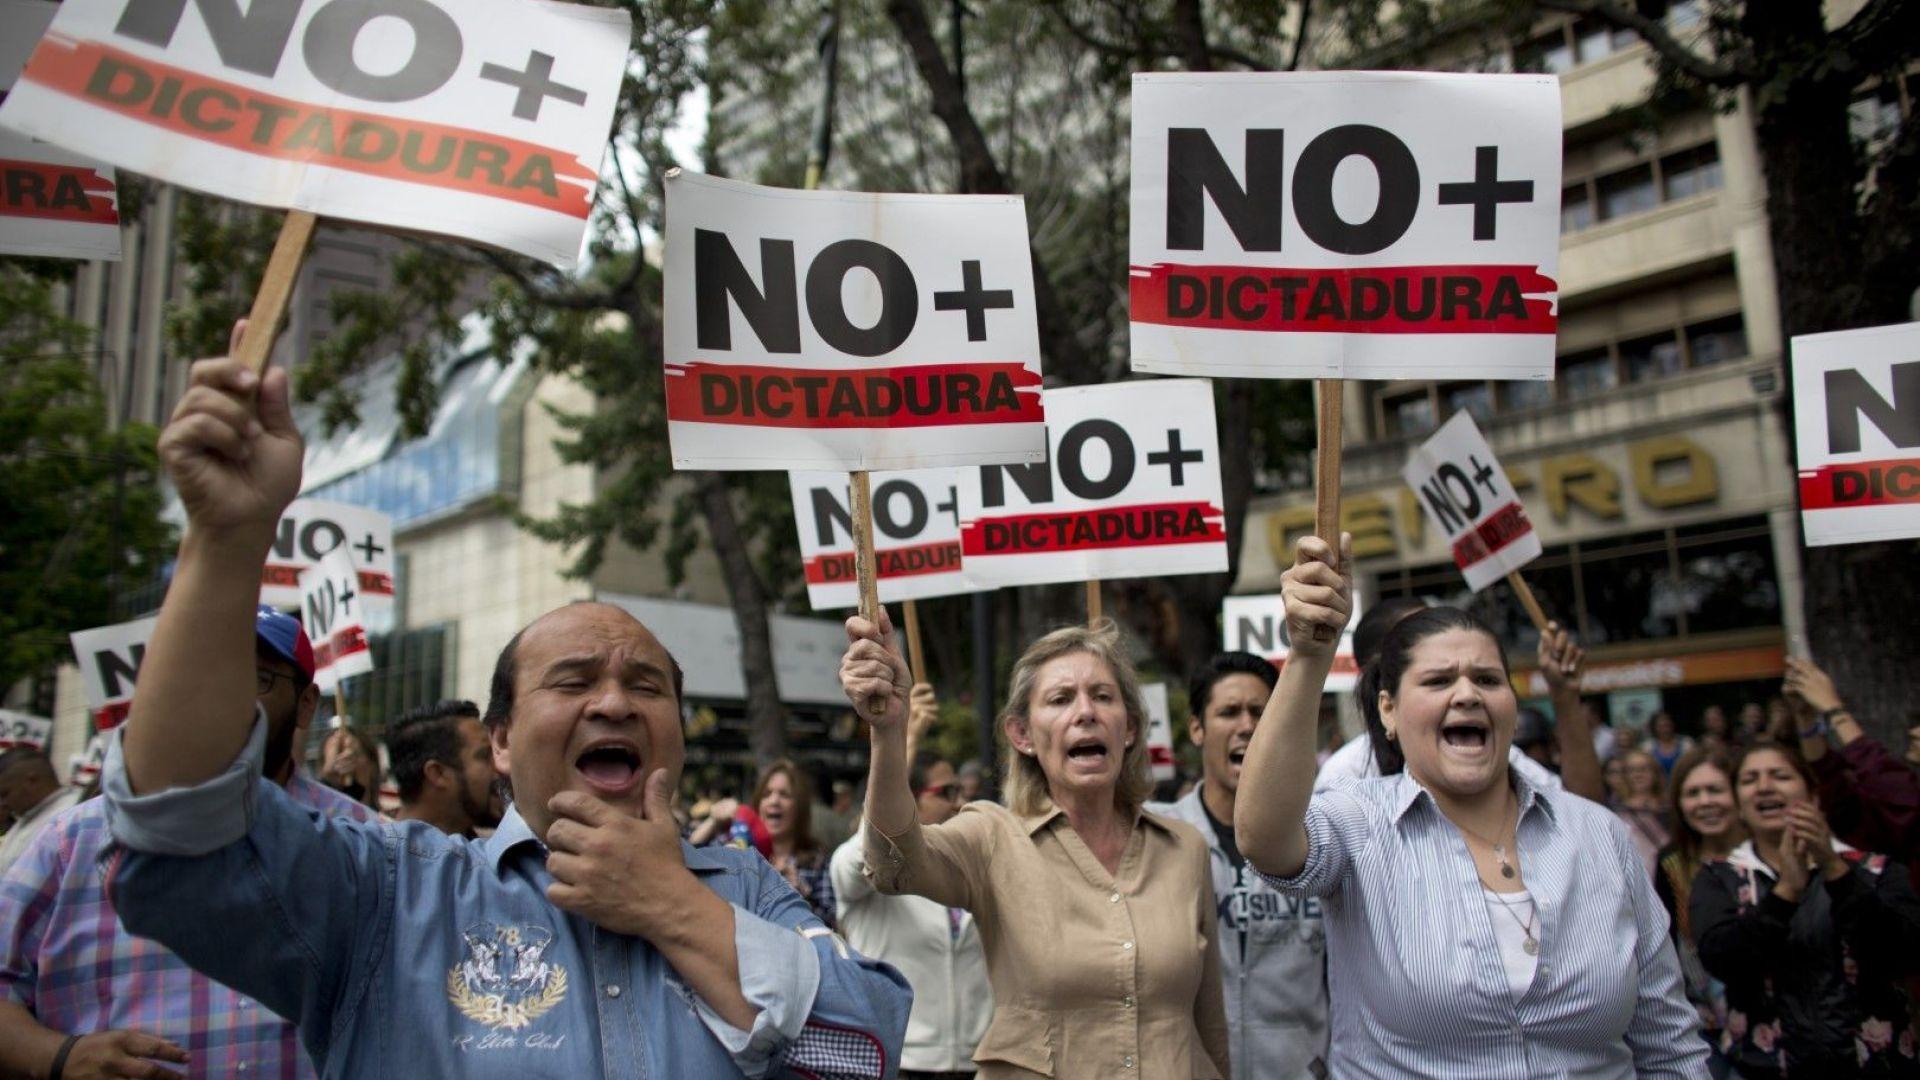 Битката за свободата във Венецуела започна, заяви Тръмп, а Гуаидо преговаря с армията